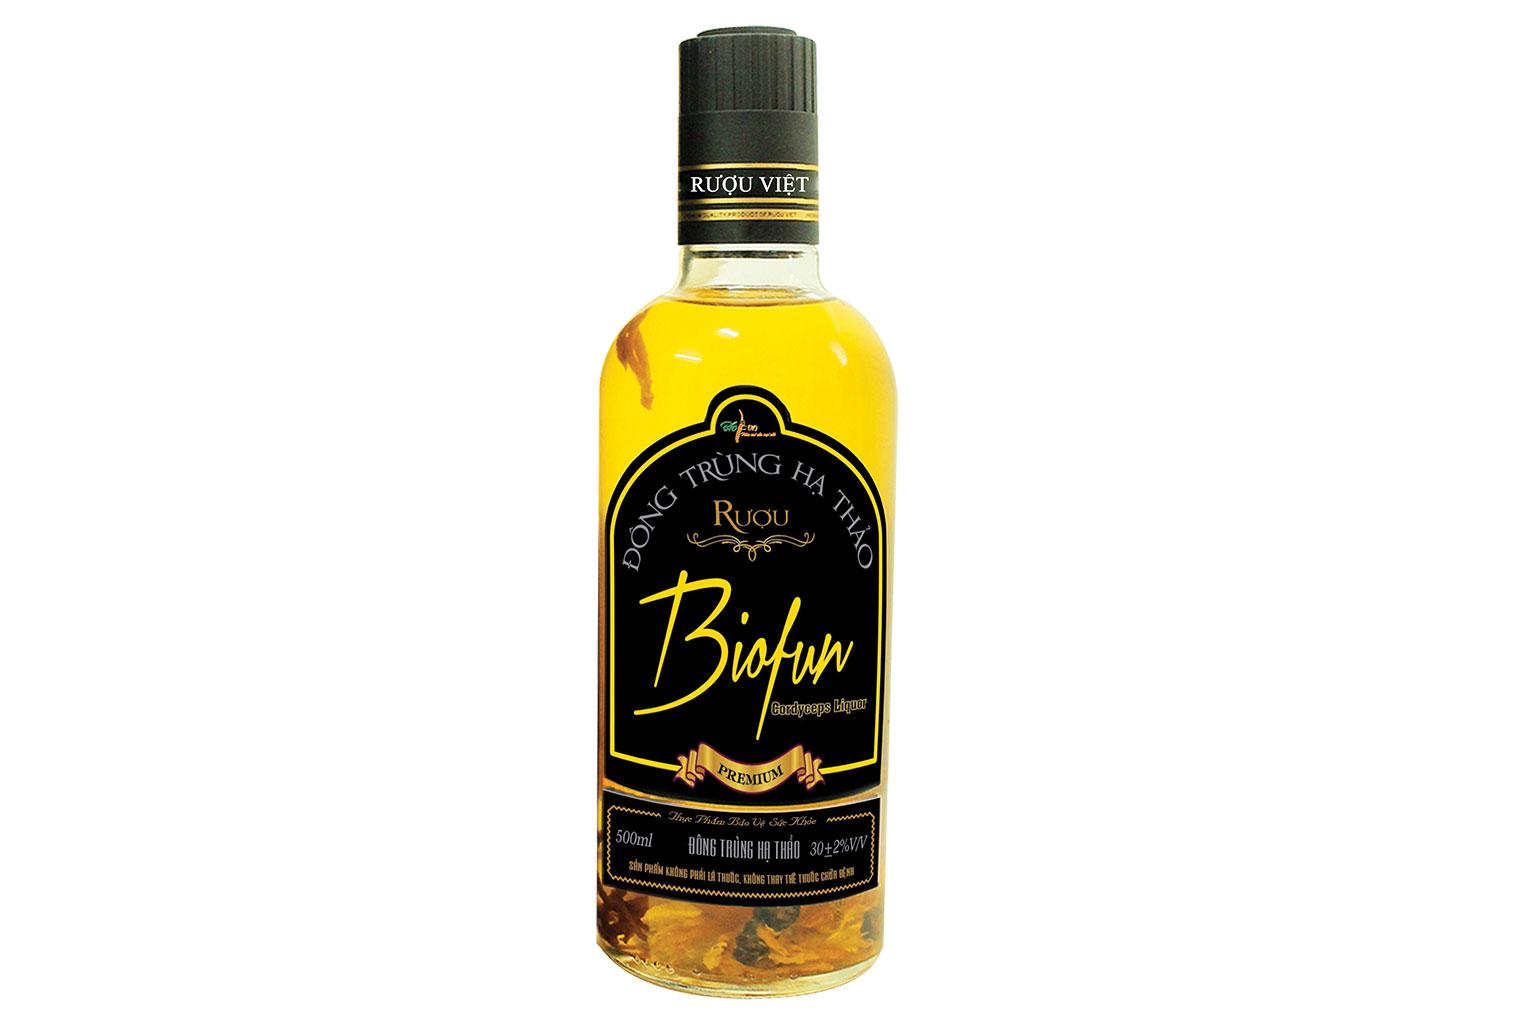 Rượu Đông trùng hạ thảo BioFun